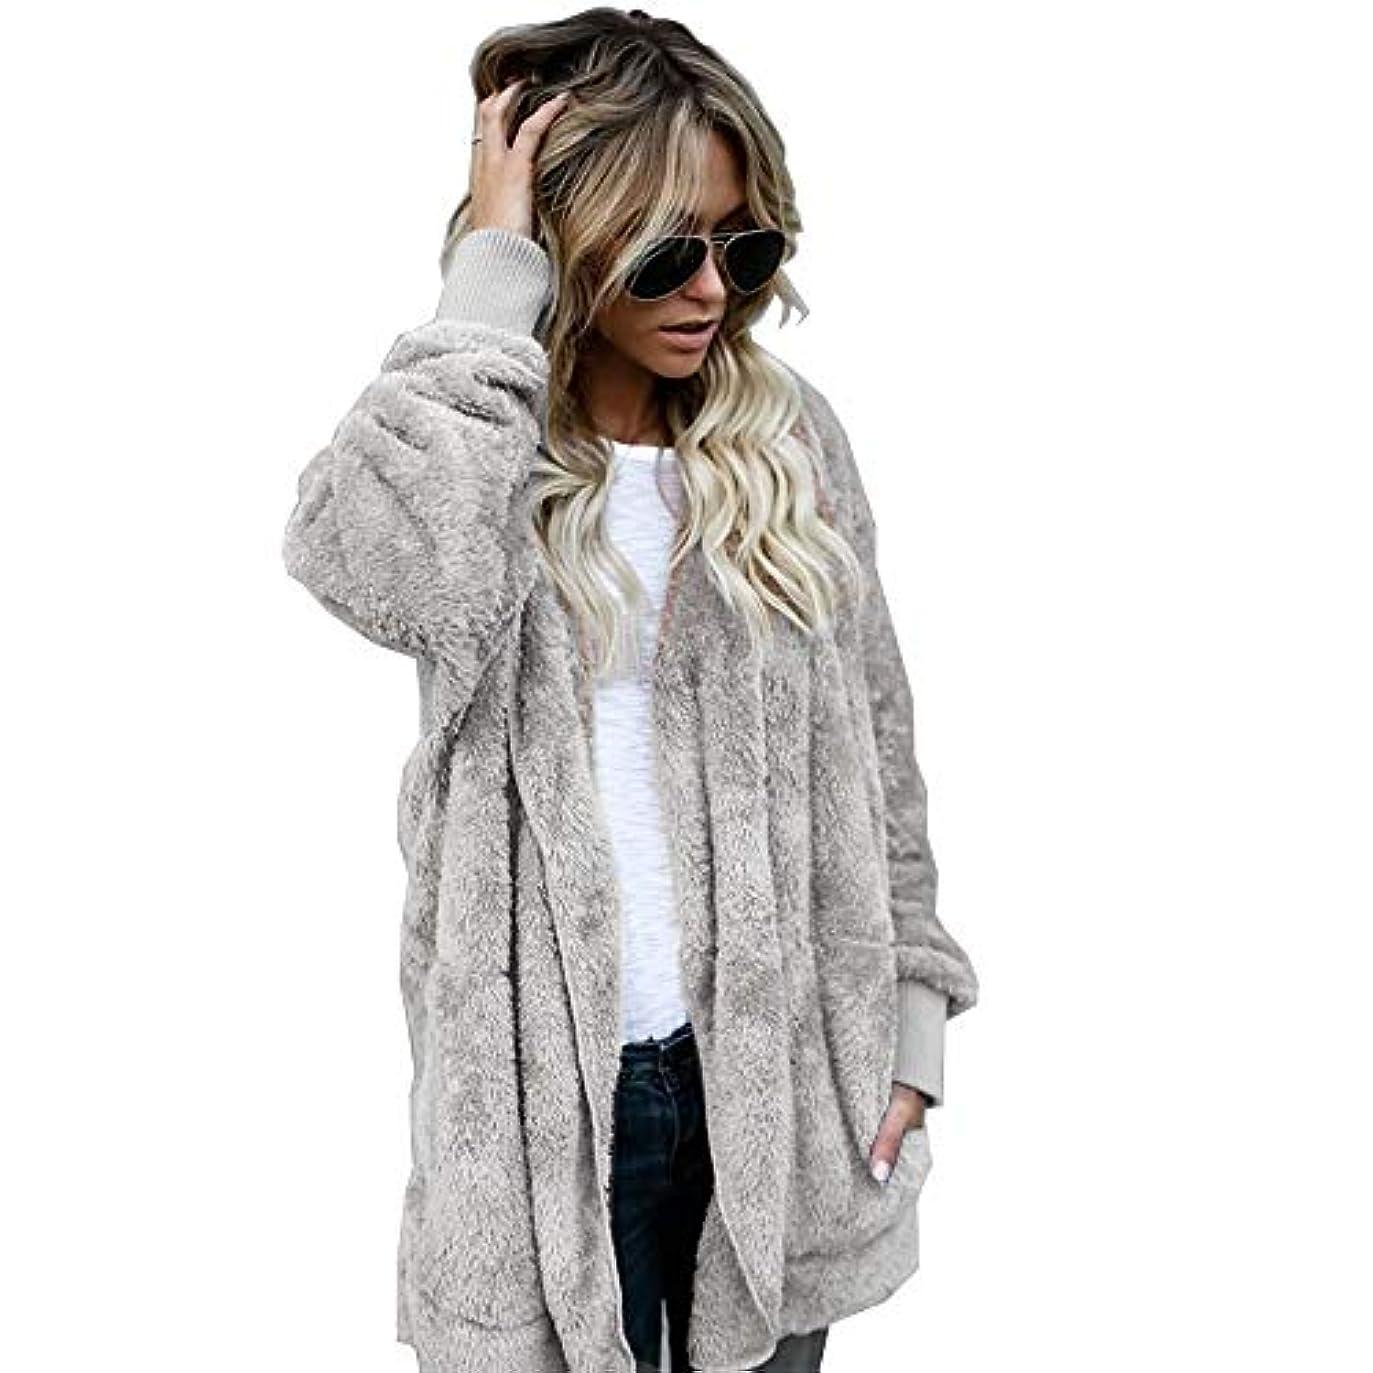 病気疎外するのりMIFAN 長袖パーカー、冬のコート、女性のコート、女性の緩い厚く暖かいフェイクファーフード付きカーディガン